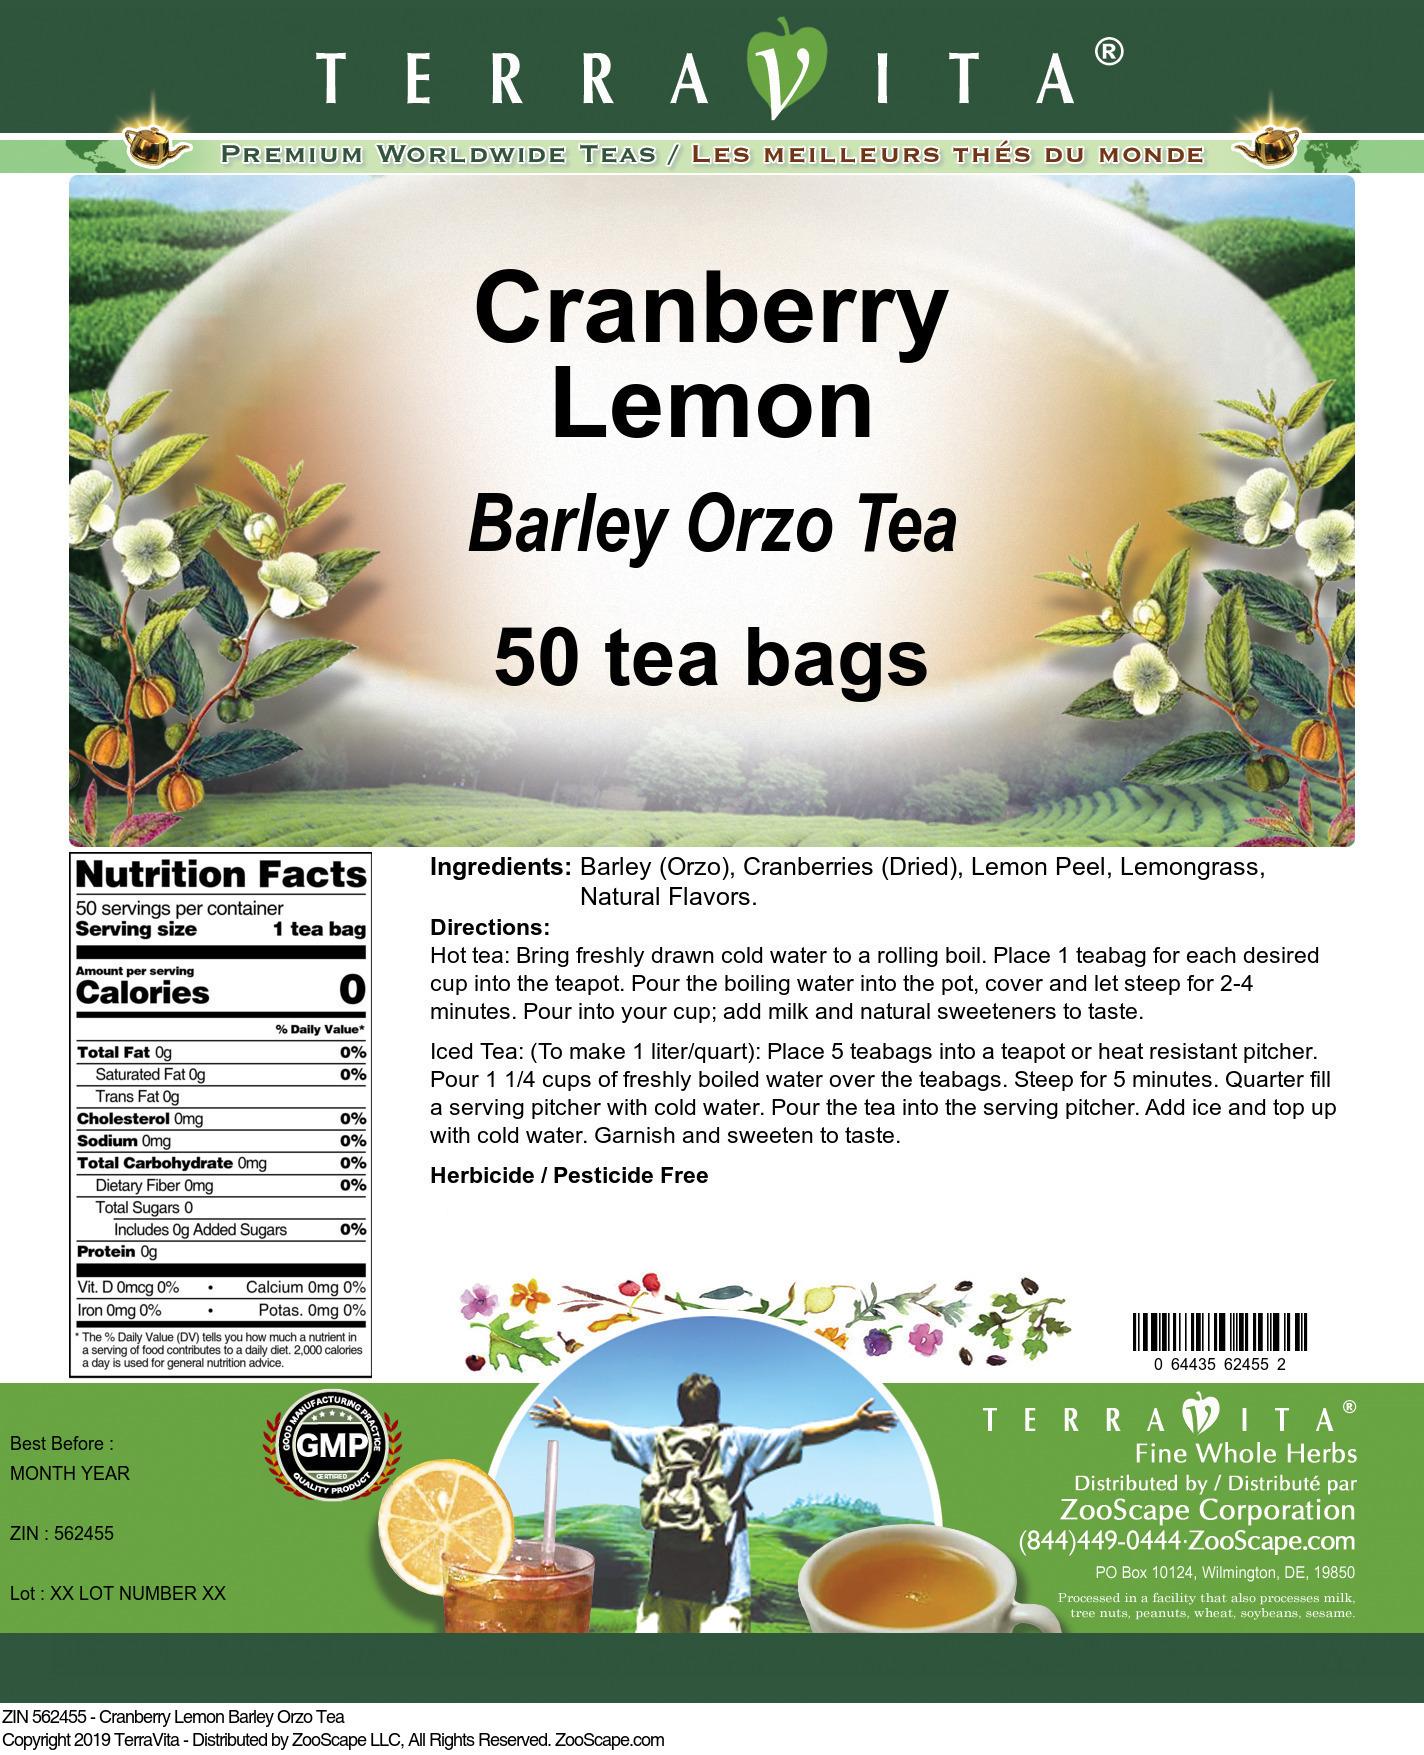 Cranberry Lemon Barley Orzo Tea